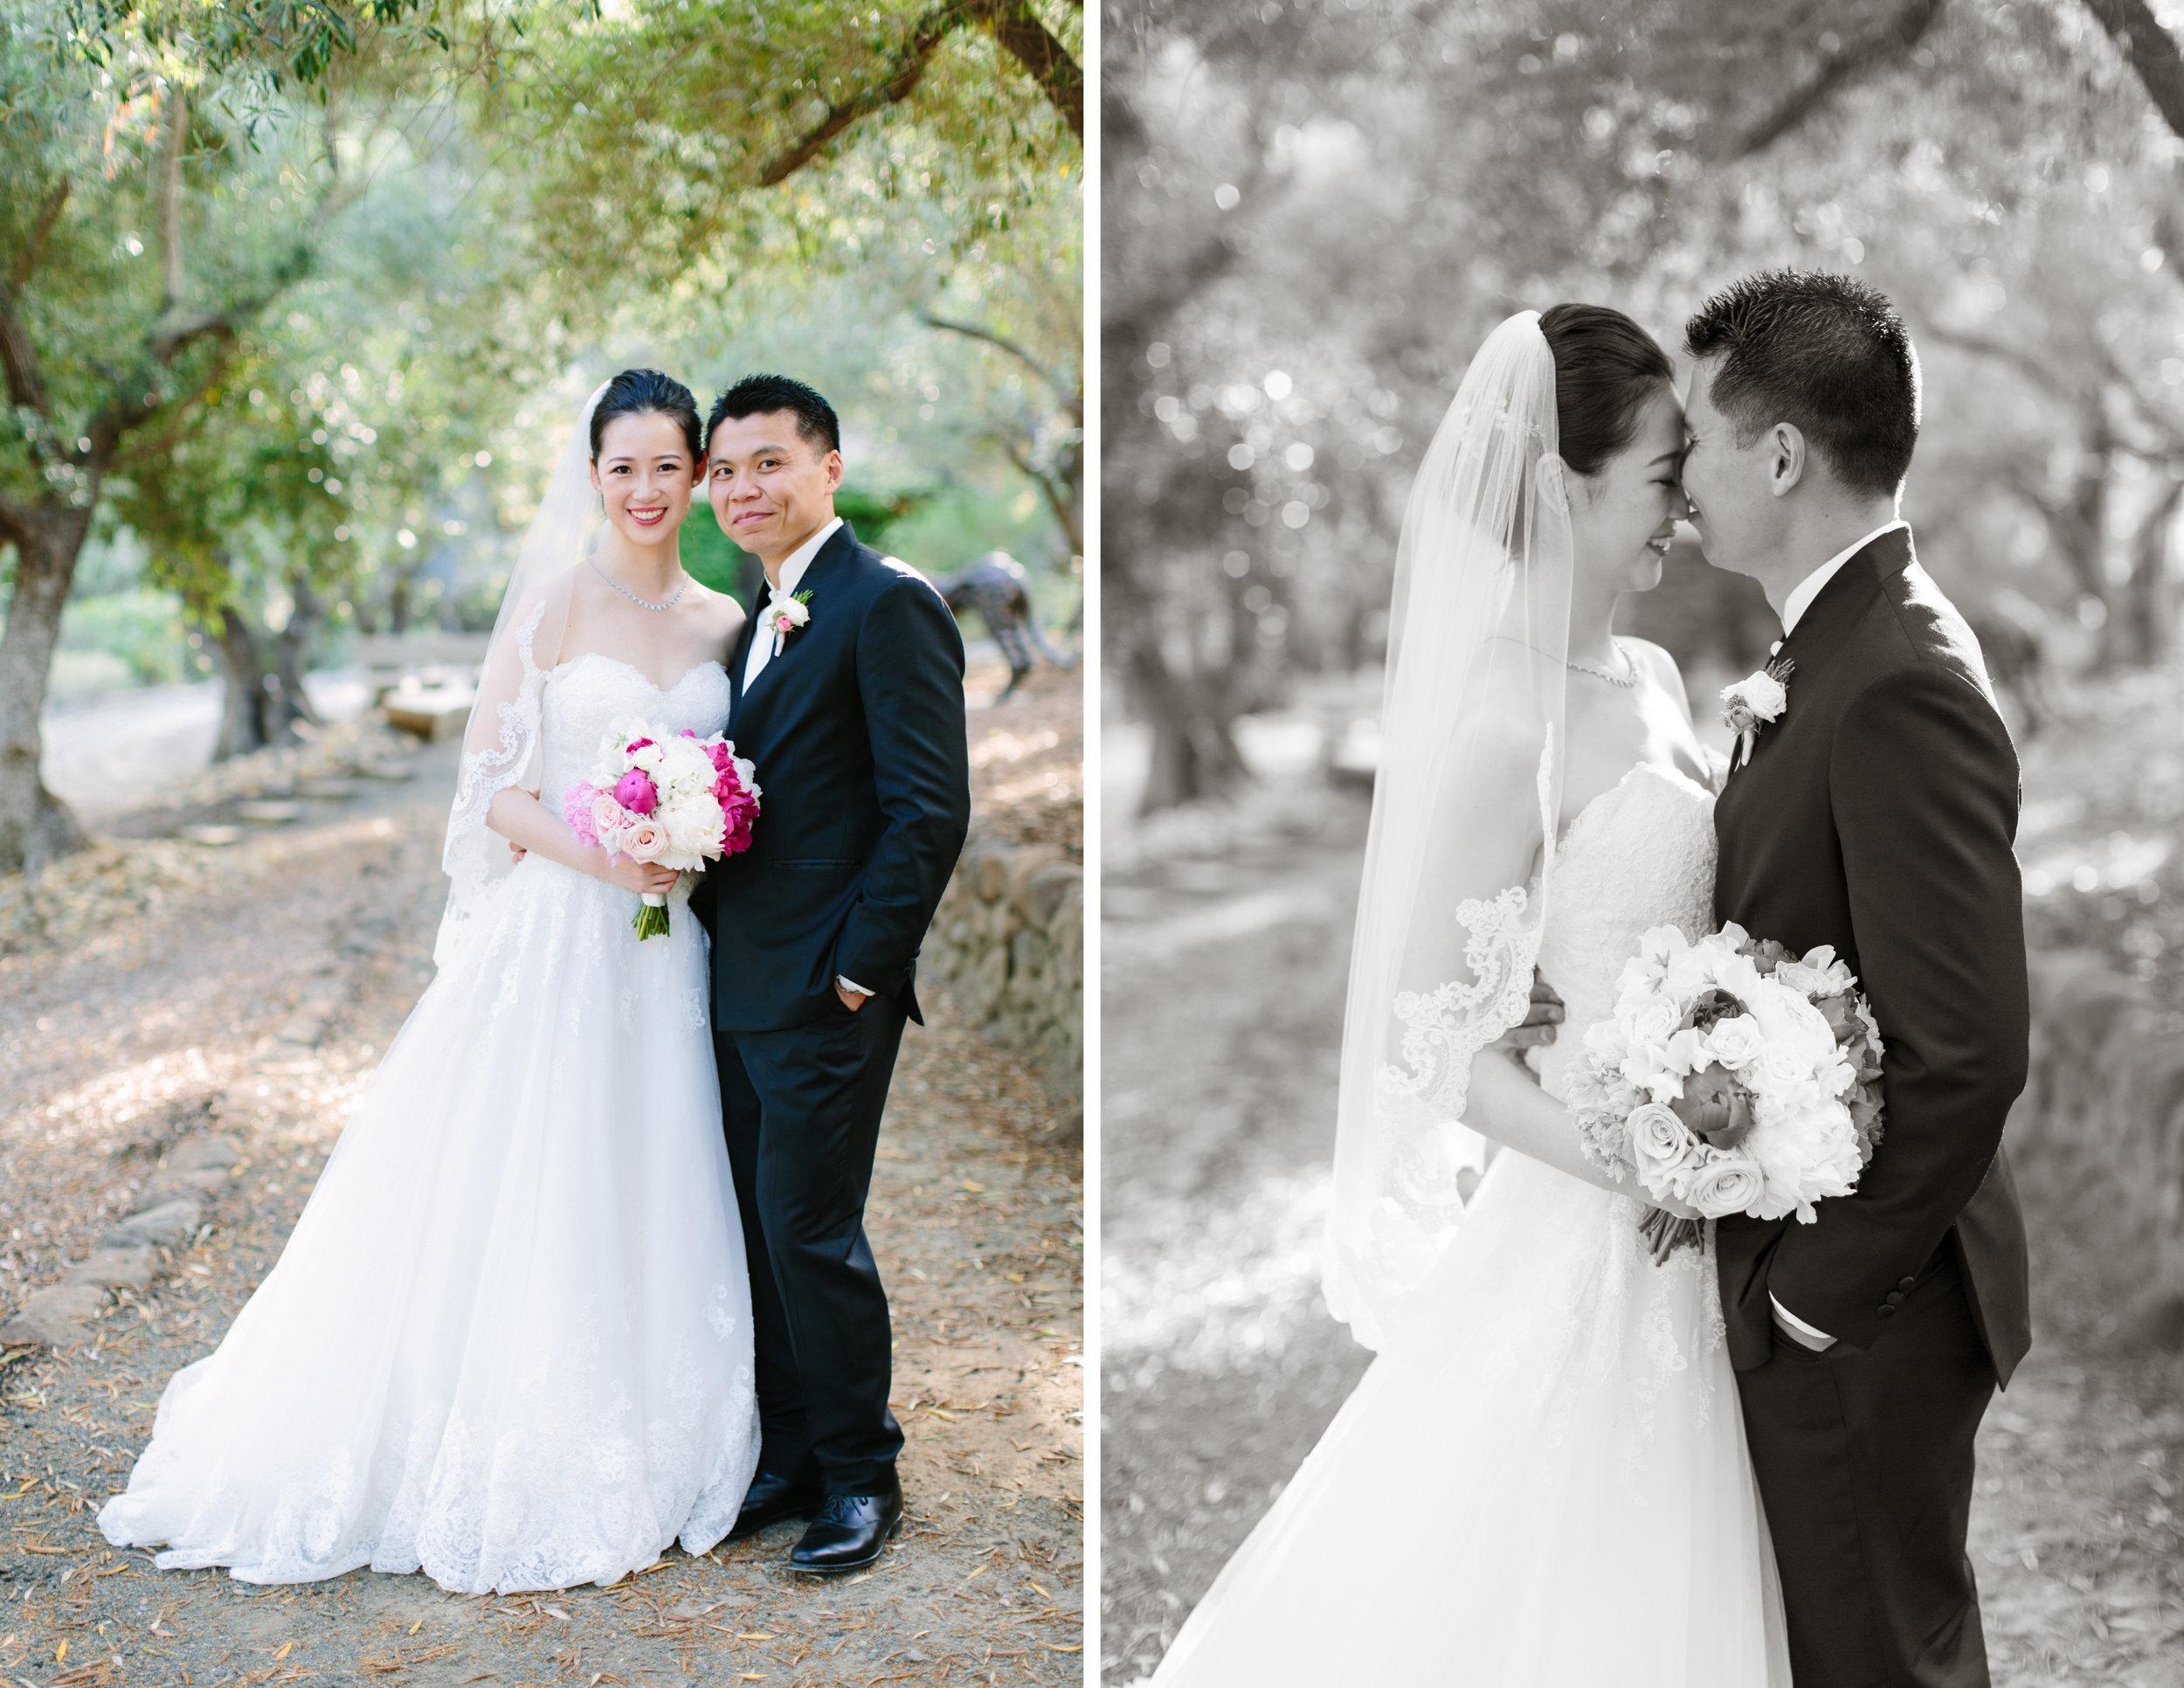 auberge du soleil wedding 12.jpg